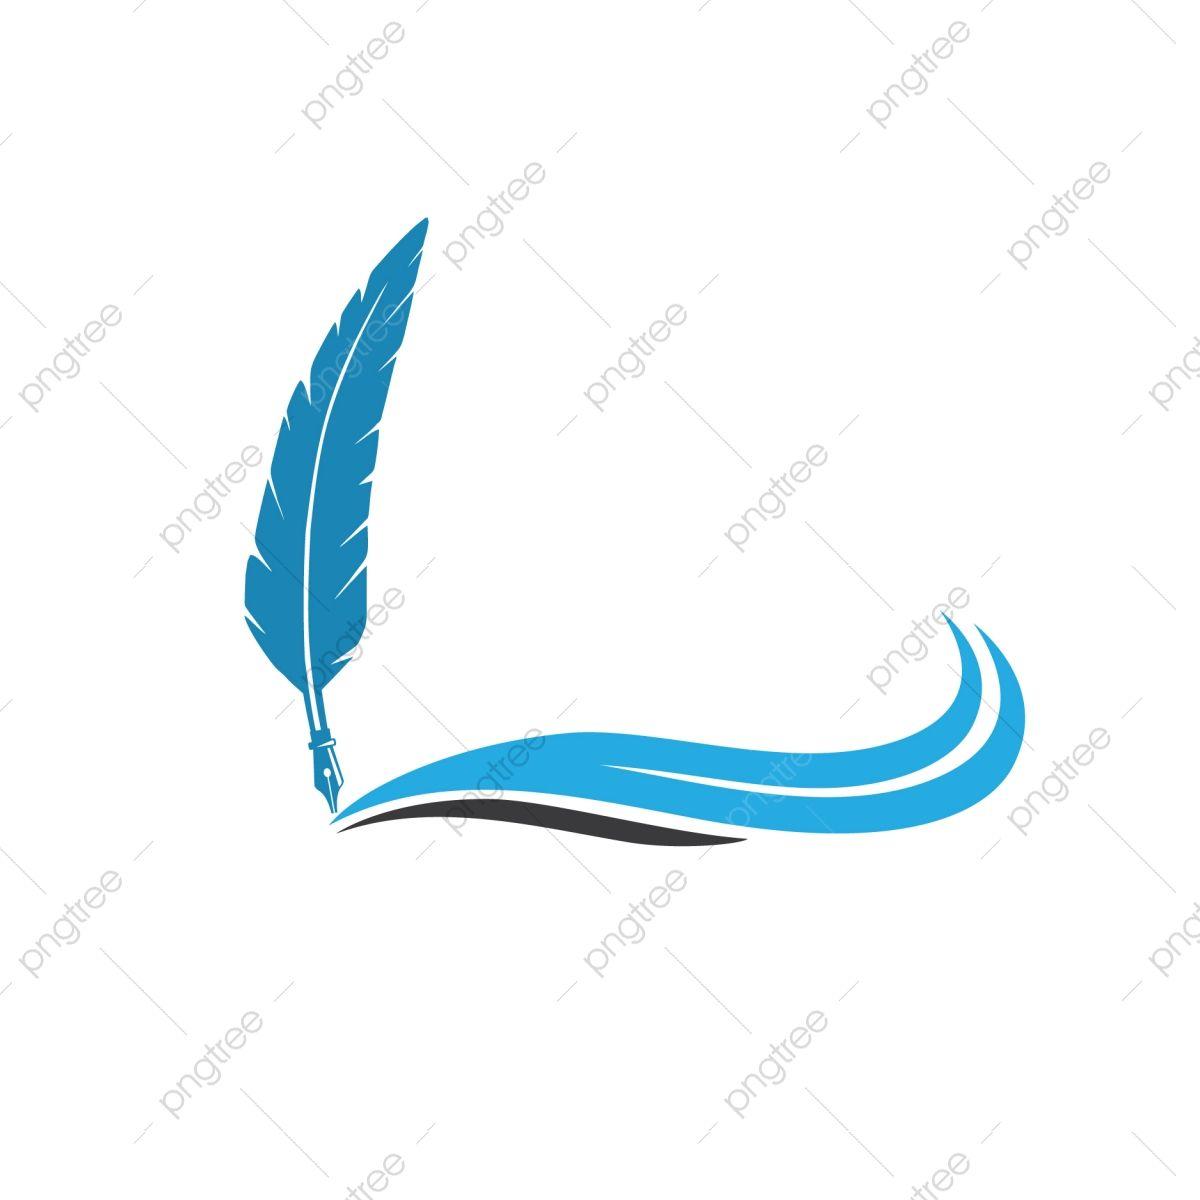 Gambar Pena Bulu Dengan Desain Logo Gelombang Biru Clipart Bulu Ikon Bulu Ikon Logo Png Dan Vektor Dengan Latar Belakang Transparan Untuk Unduh Gratis In 2021 Vector Logo Design Vector Logo